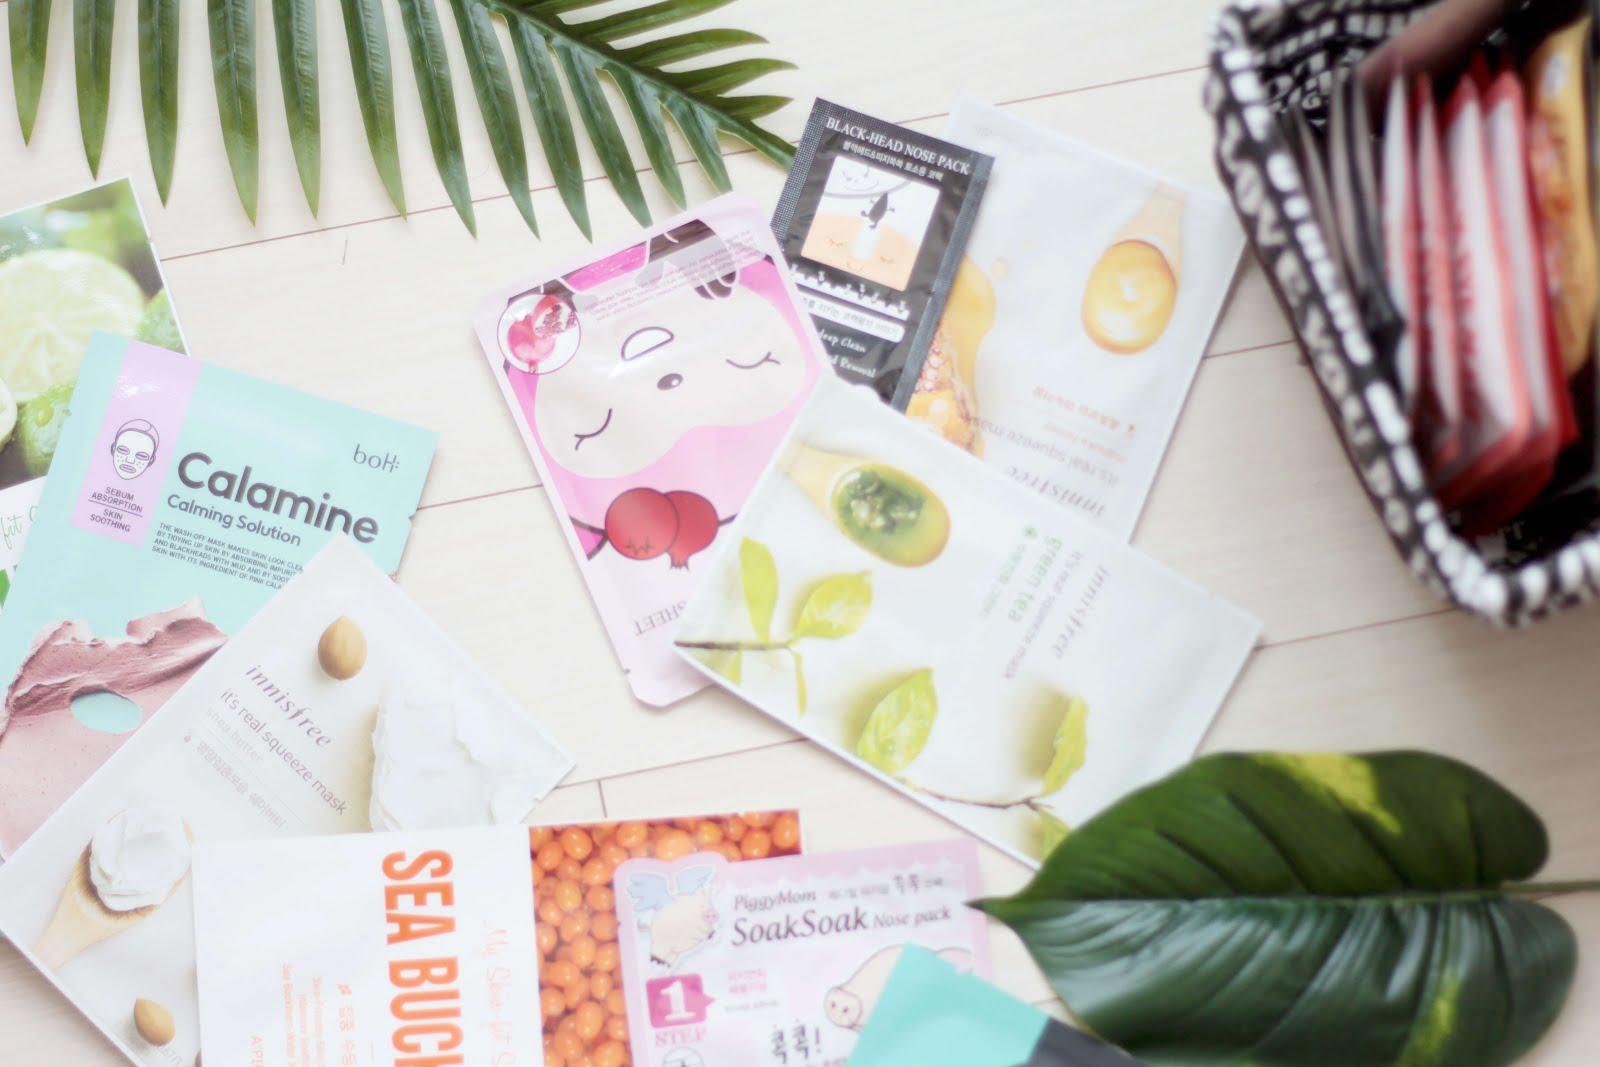 korean skincare blogger sheet masks kbeauty recommendations brands